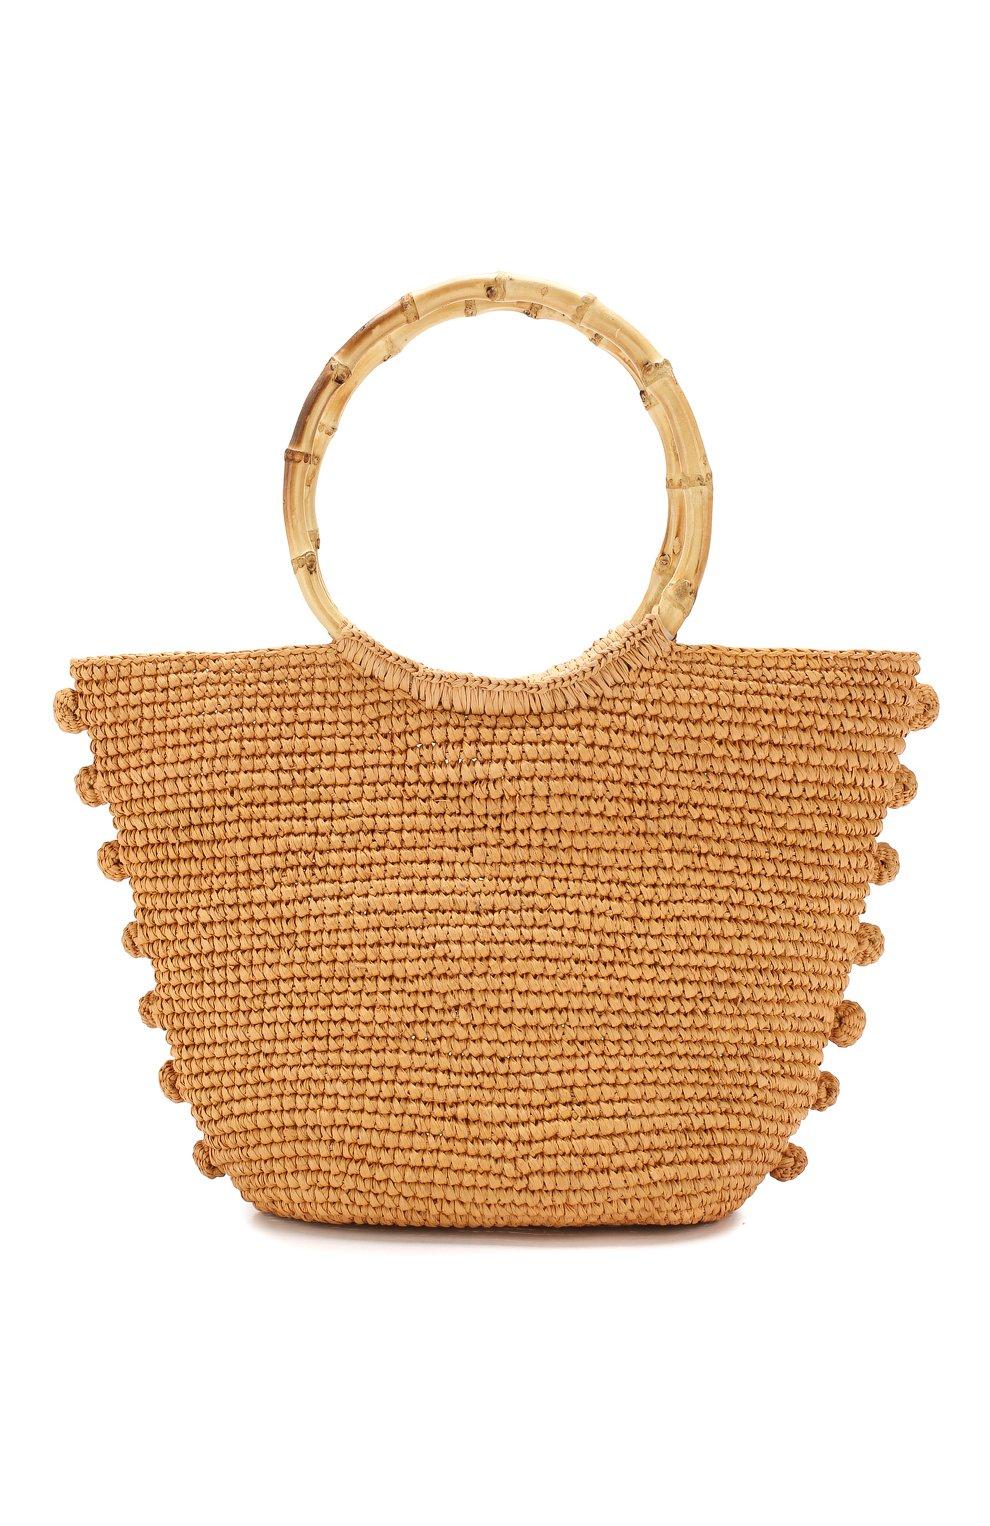 64f4570d8648e Пляжная сумка SENSI STUDIO бежевого цвета — купить за 13250 руб. в ...